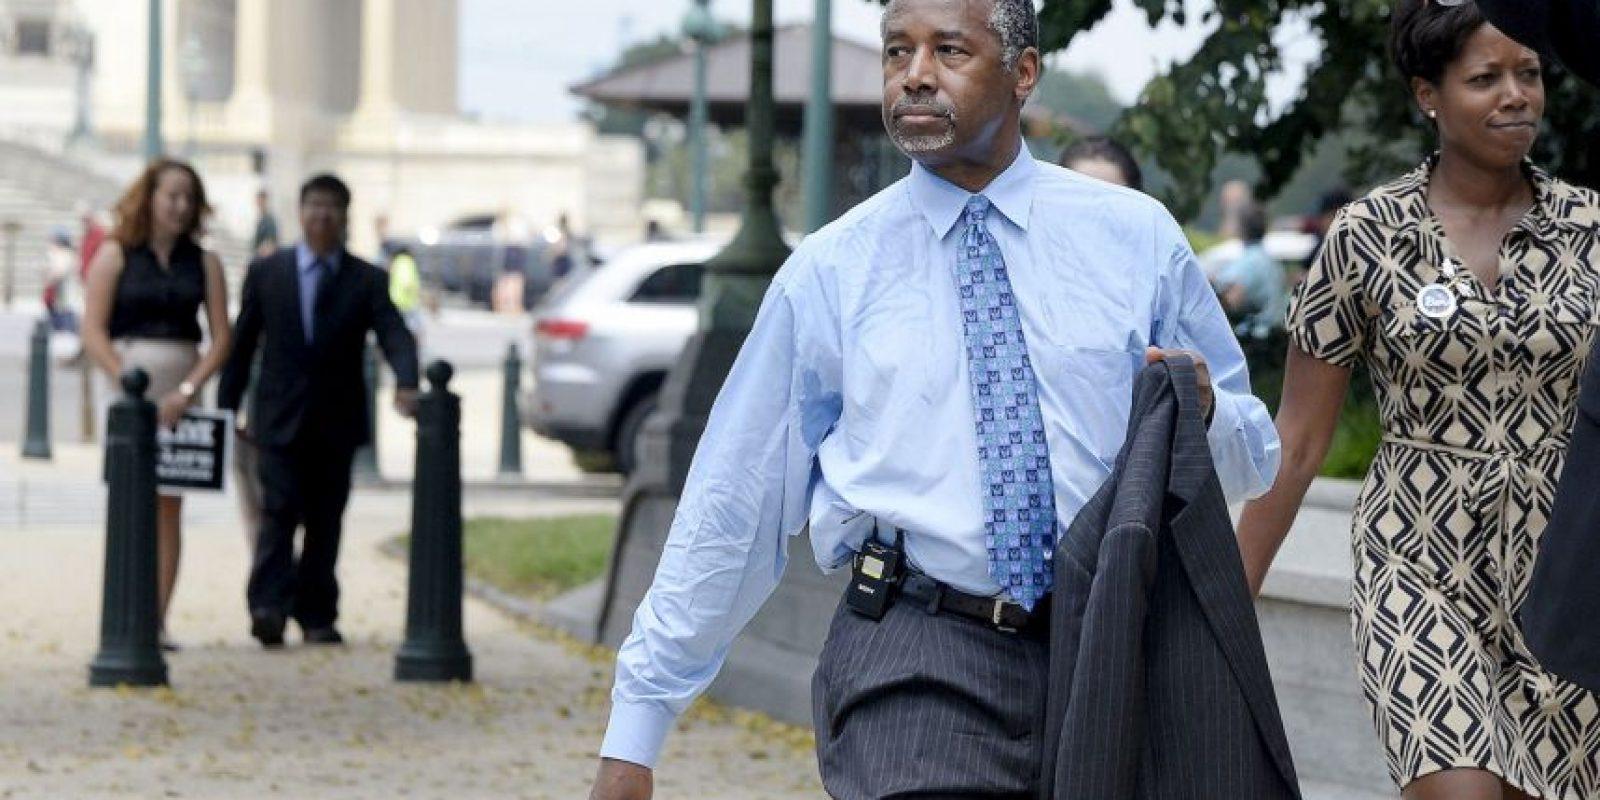 Uno de las mentiras que le reclaman es una beca que nunca recibió en la academia militar West Point. Foto:Getty Images